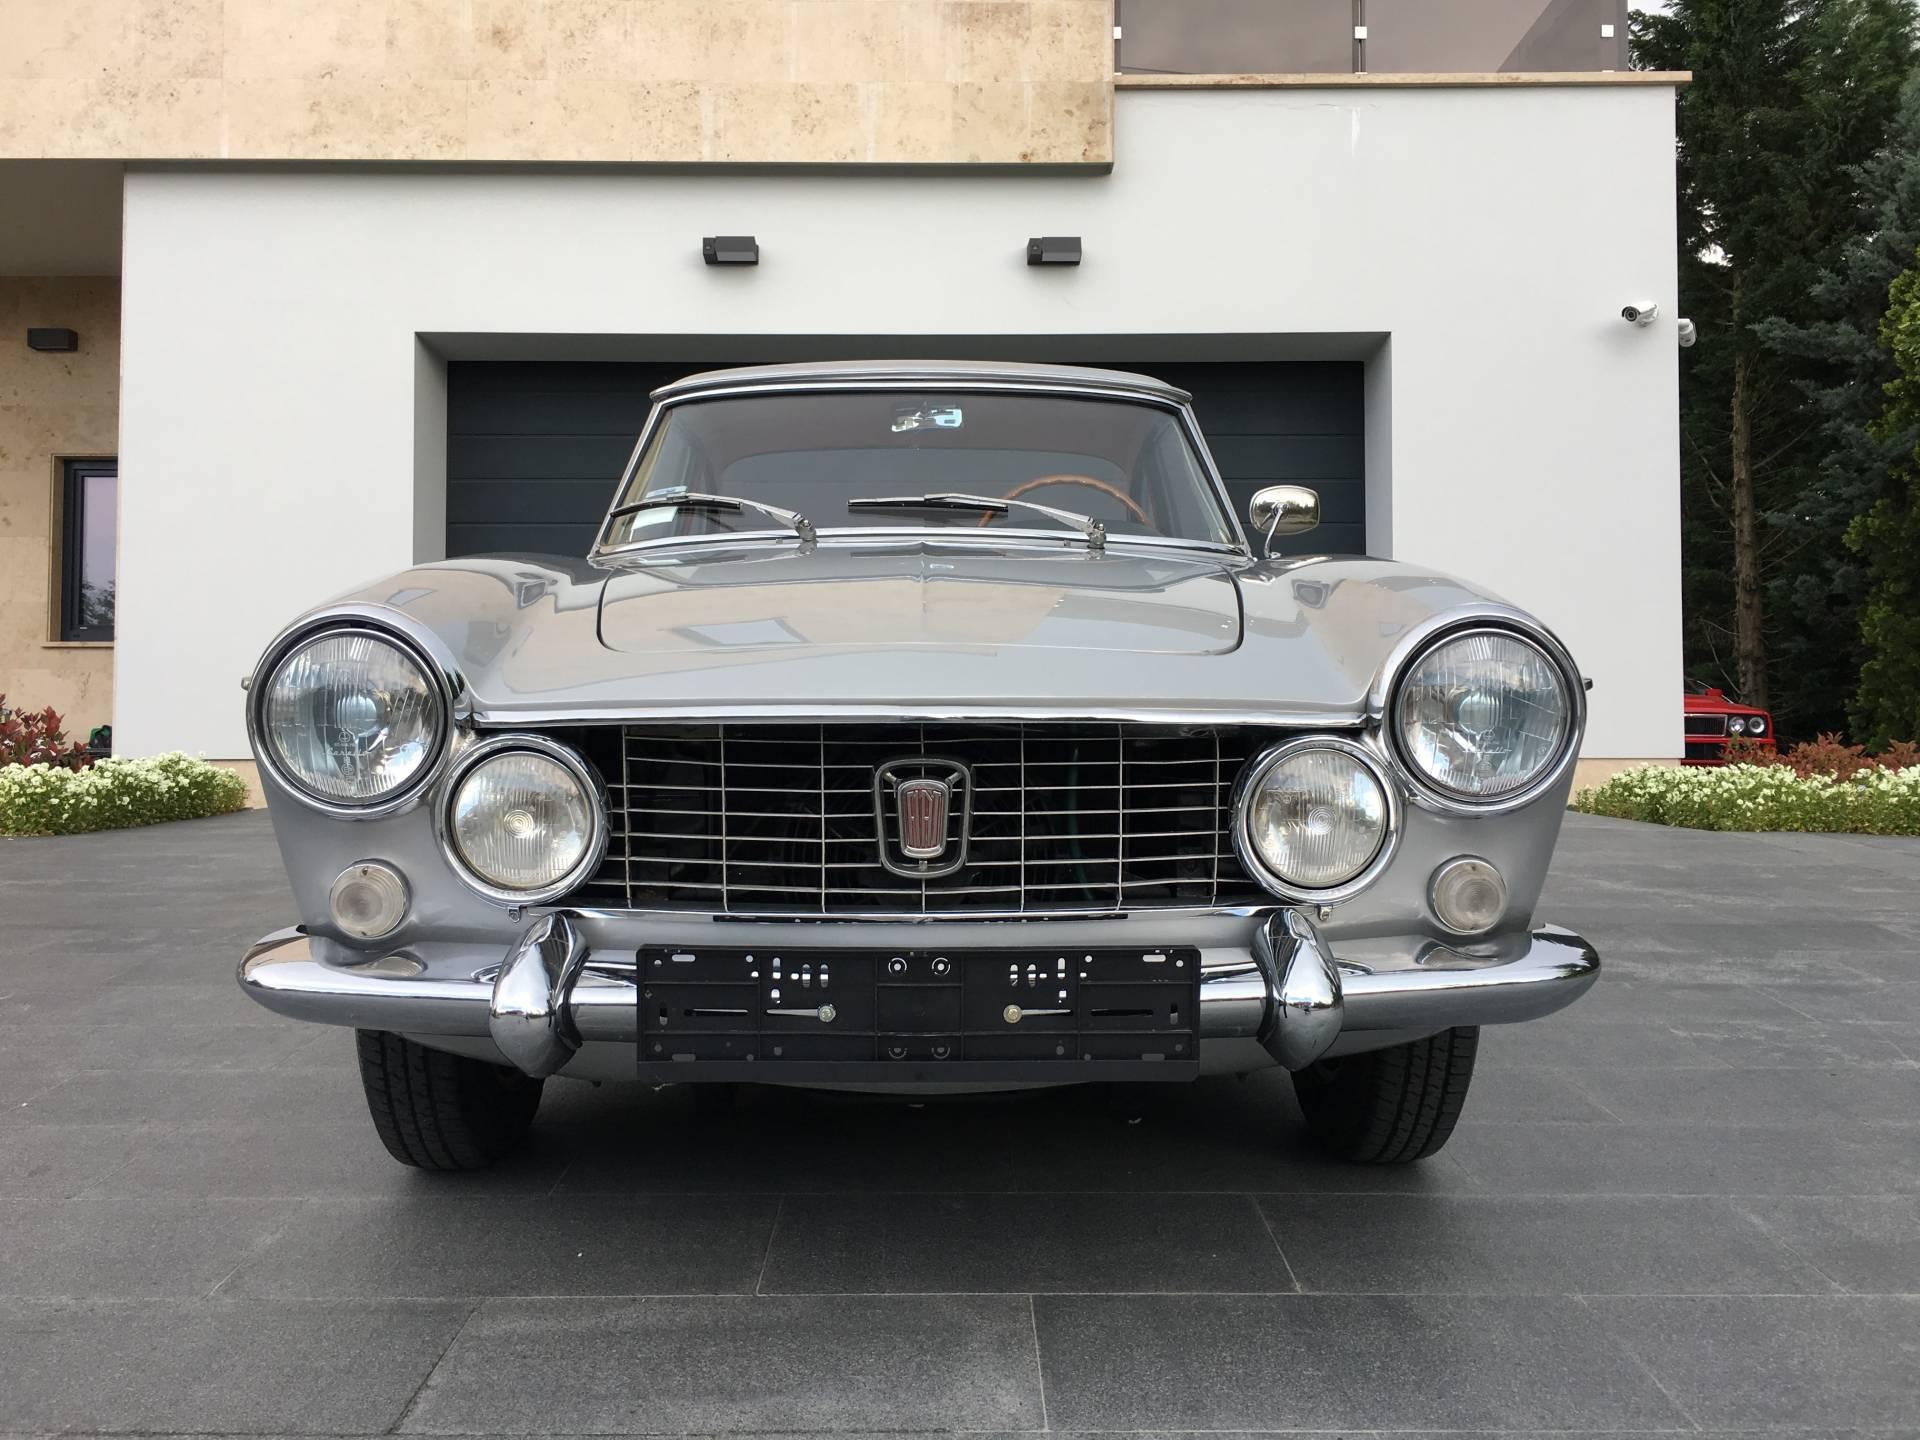 FIAT 1600 S Coupe (1963) für 44.900 EUR kaufen